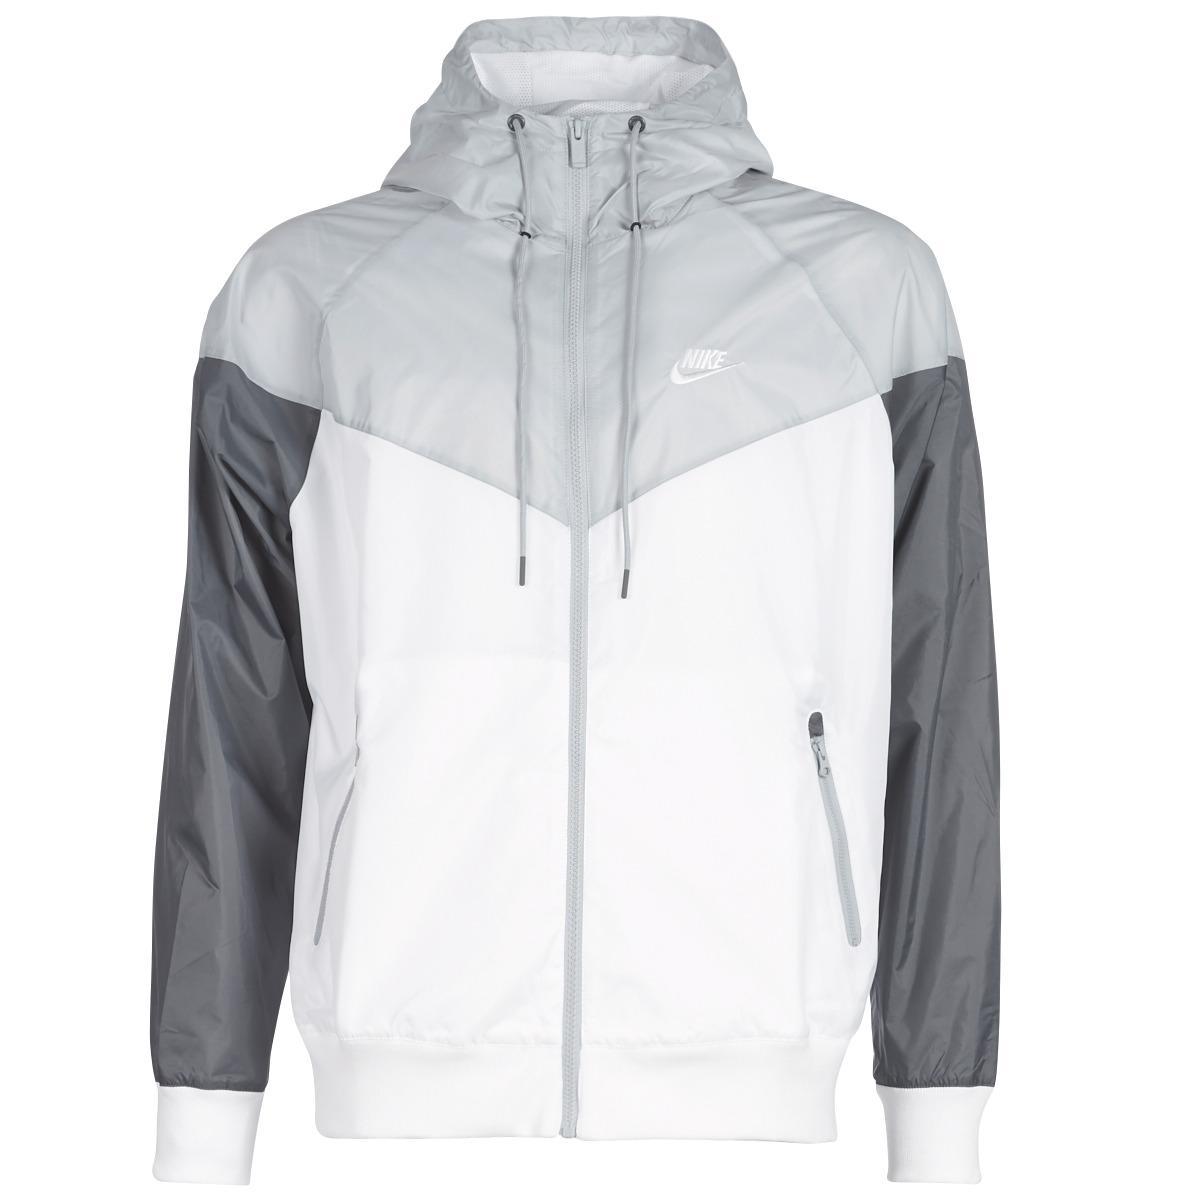 12a1de9bd2ed3 Nike Sportswear Windrunner Windbreakers in White for Men - Lyst